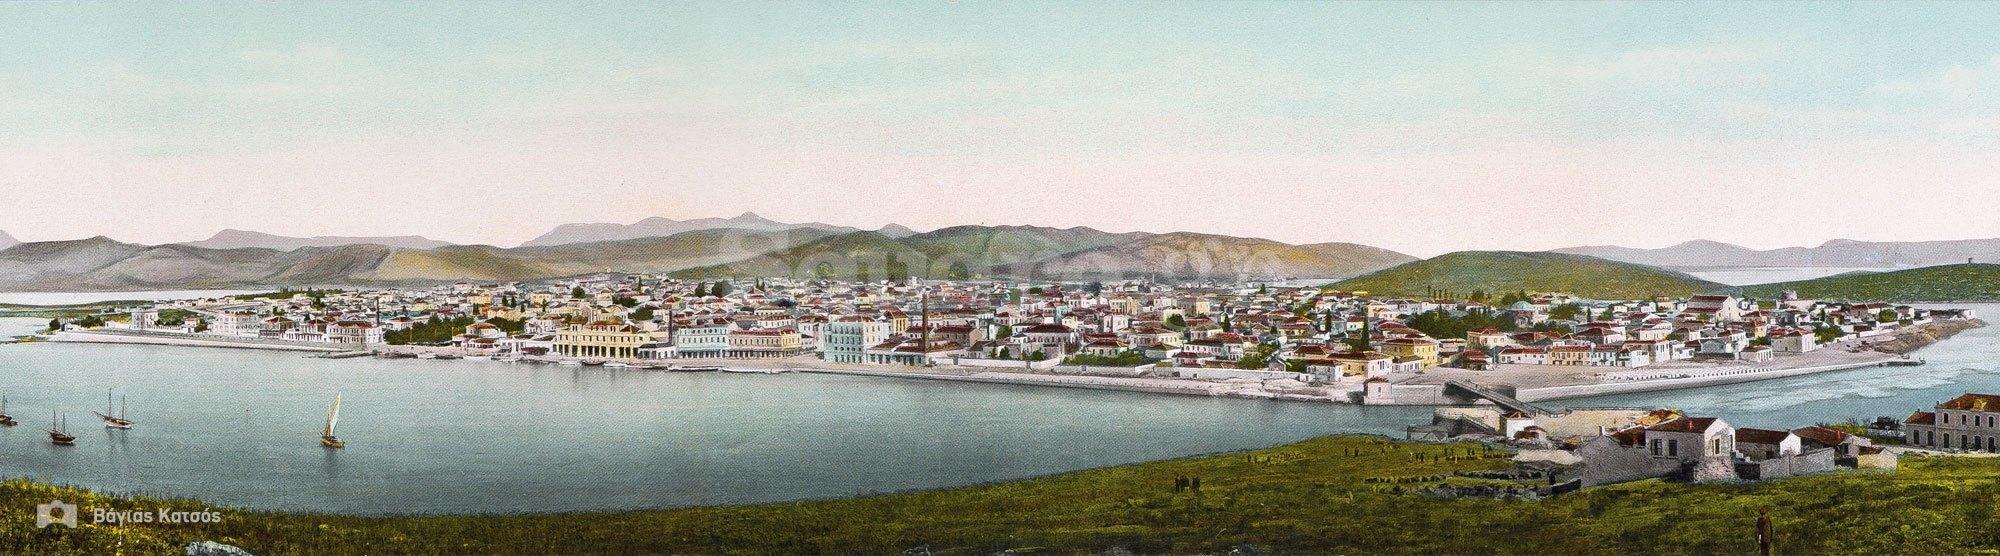 4-πανοραμική-σε-3-μέρη-1906-1907